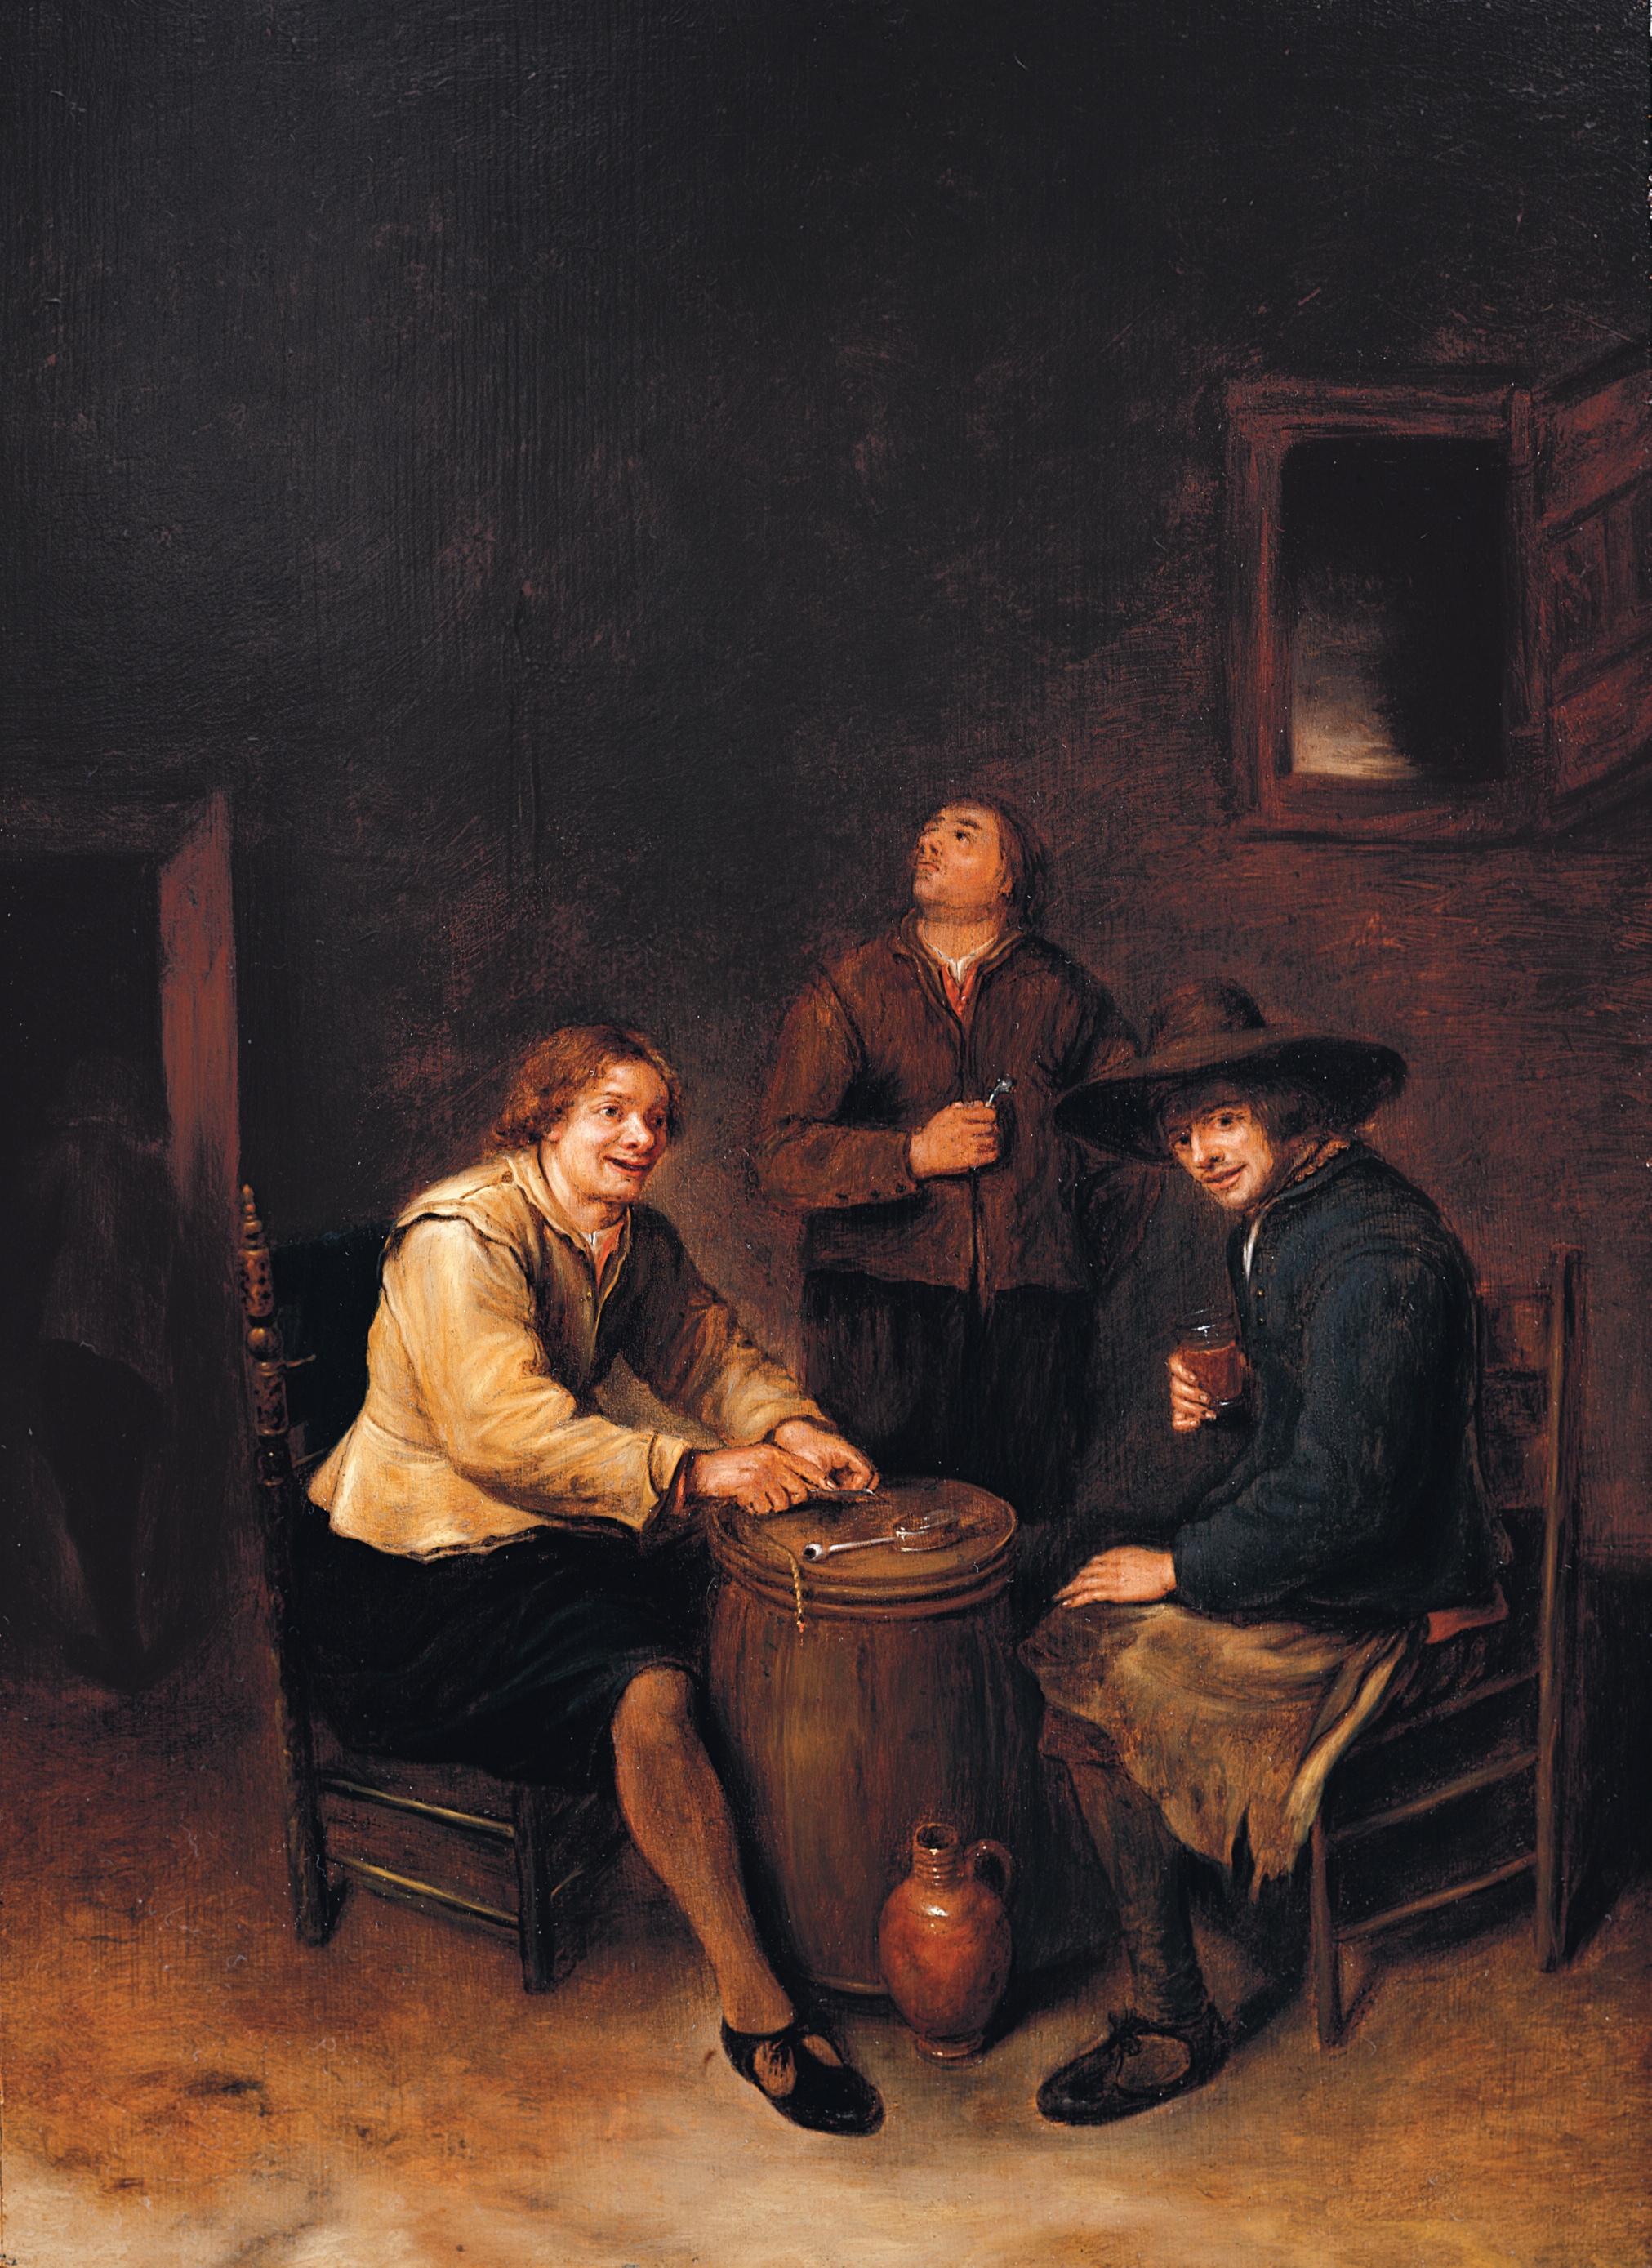 Koninck - Tavern.jpg